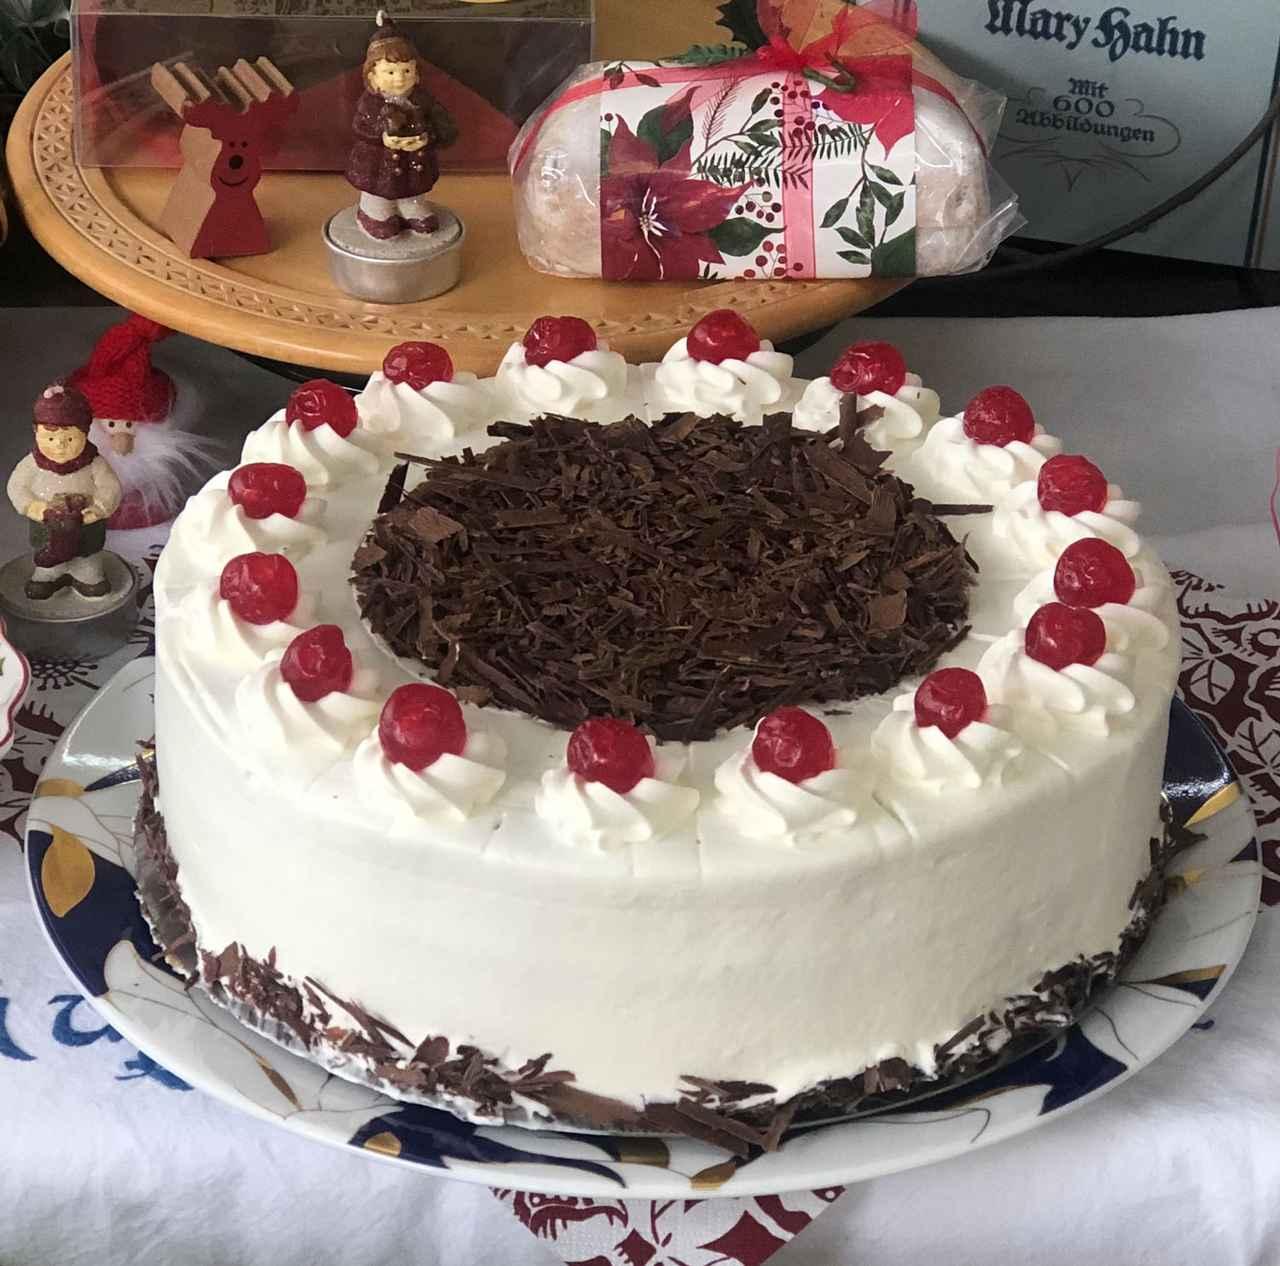 画像4: スイーツで旅する世界。4つの国のチョコレートケーキ誕生ストーリー